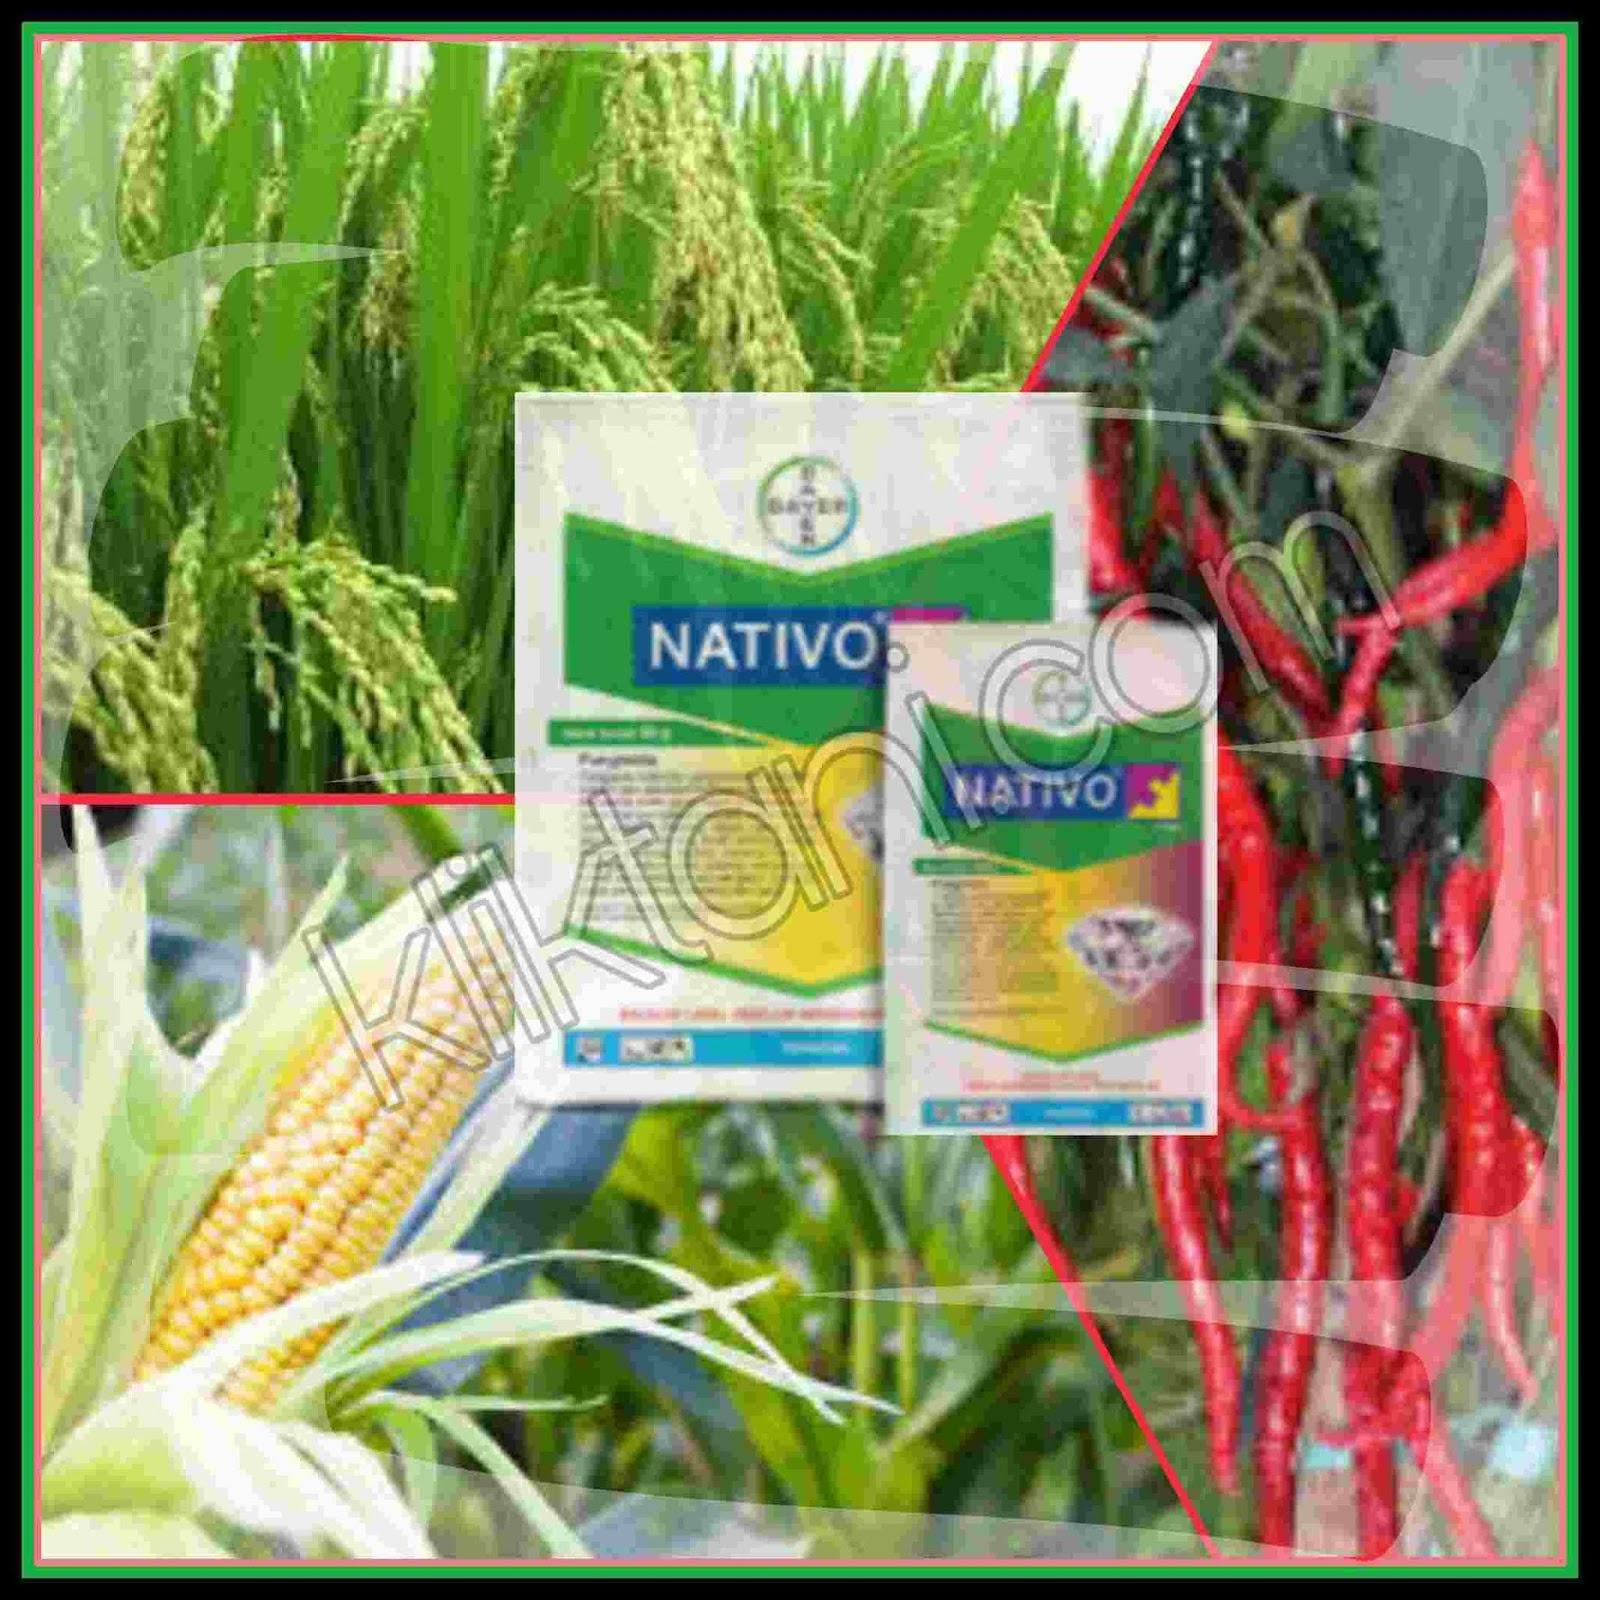 Fungisida Nativo untuk padi, cabe, bawang merah, jagung, dan